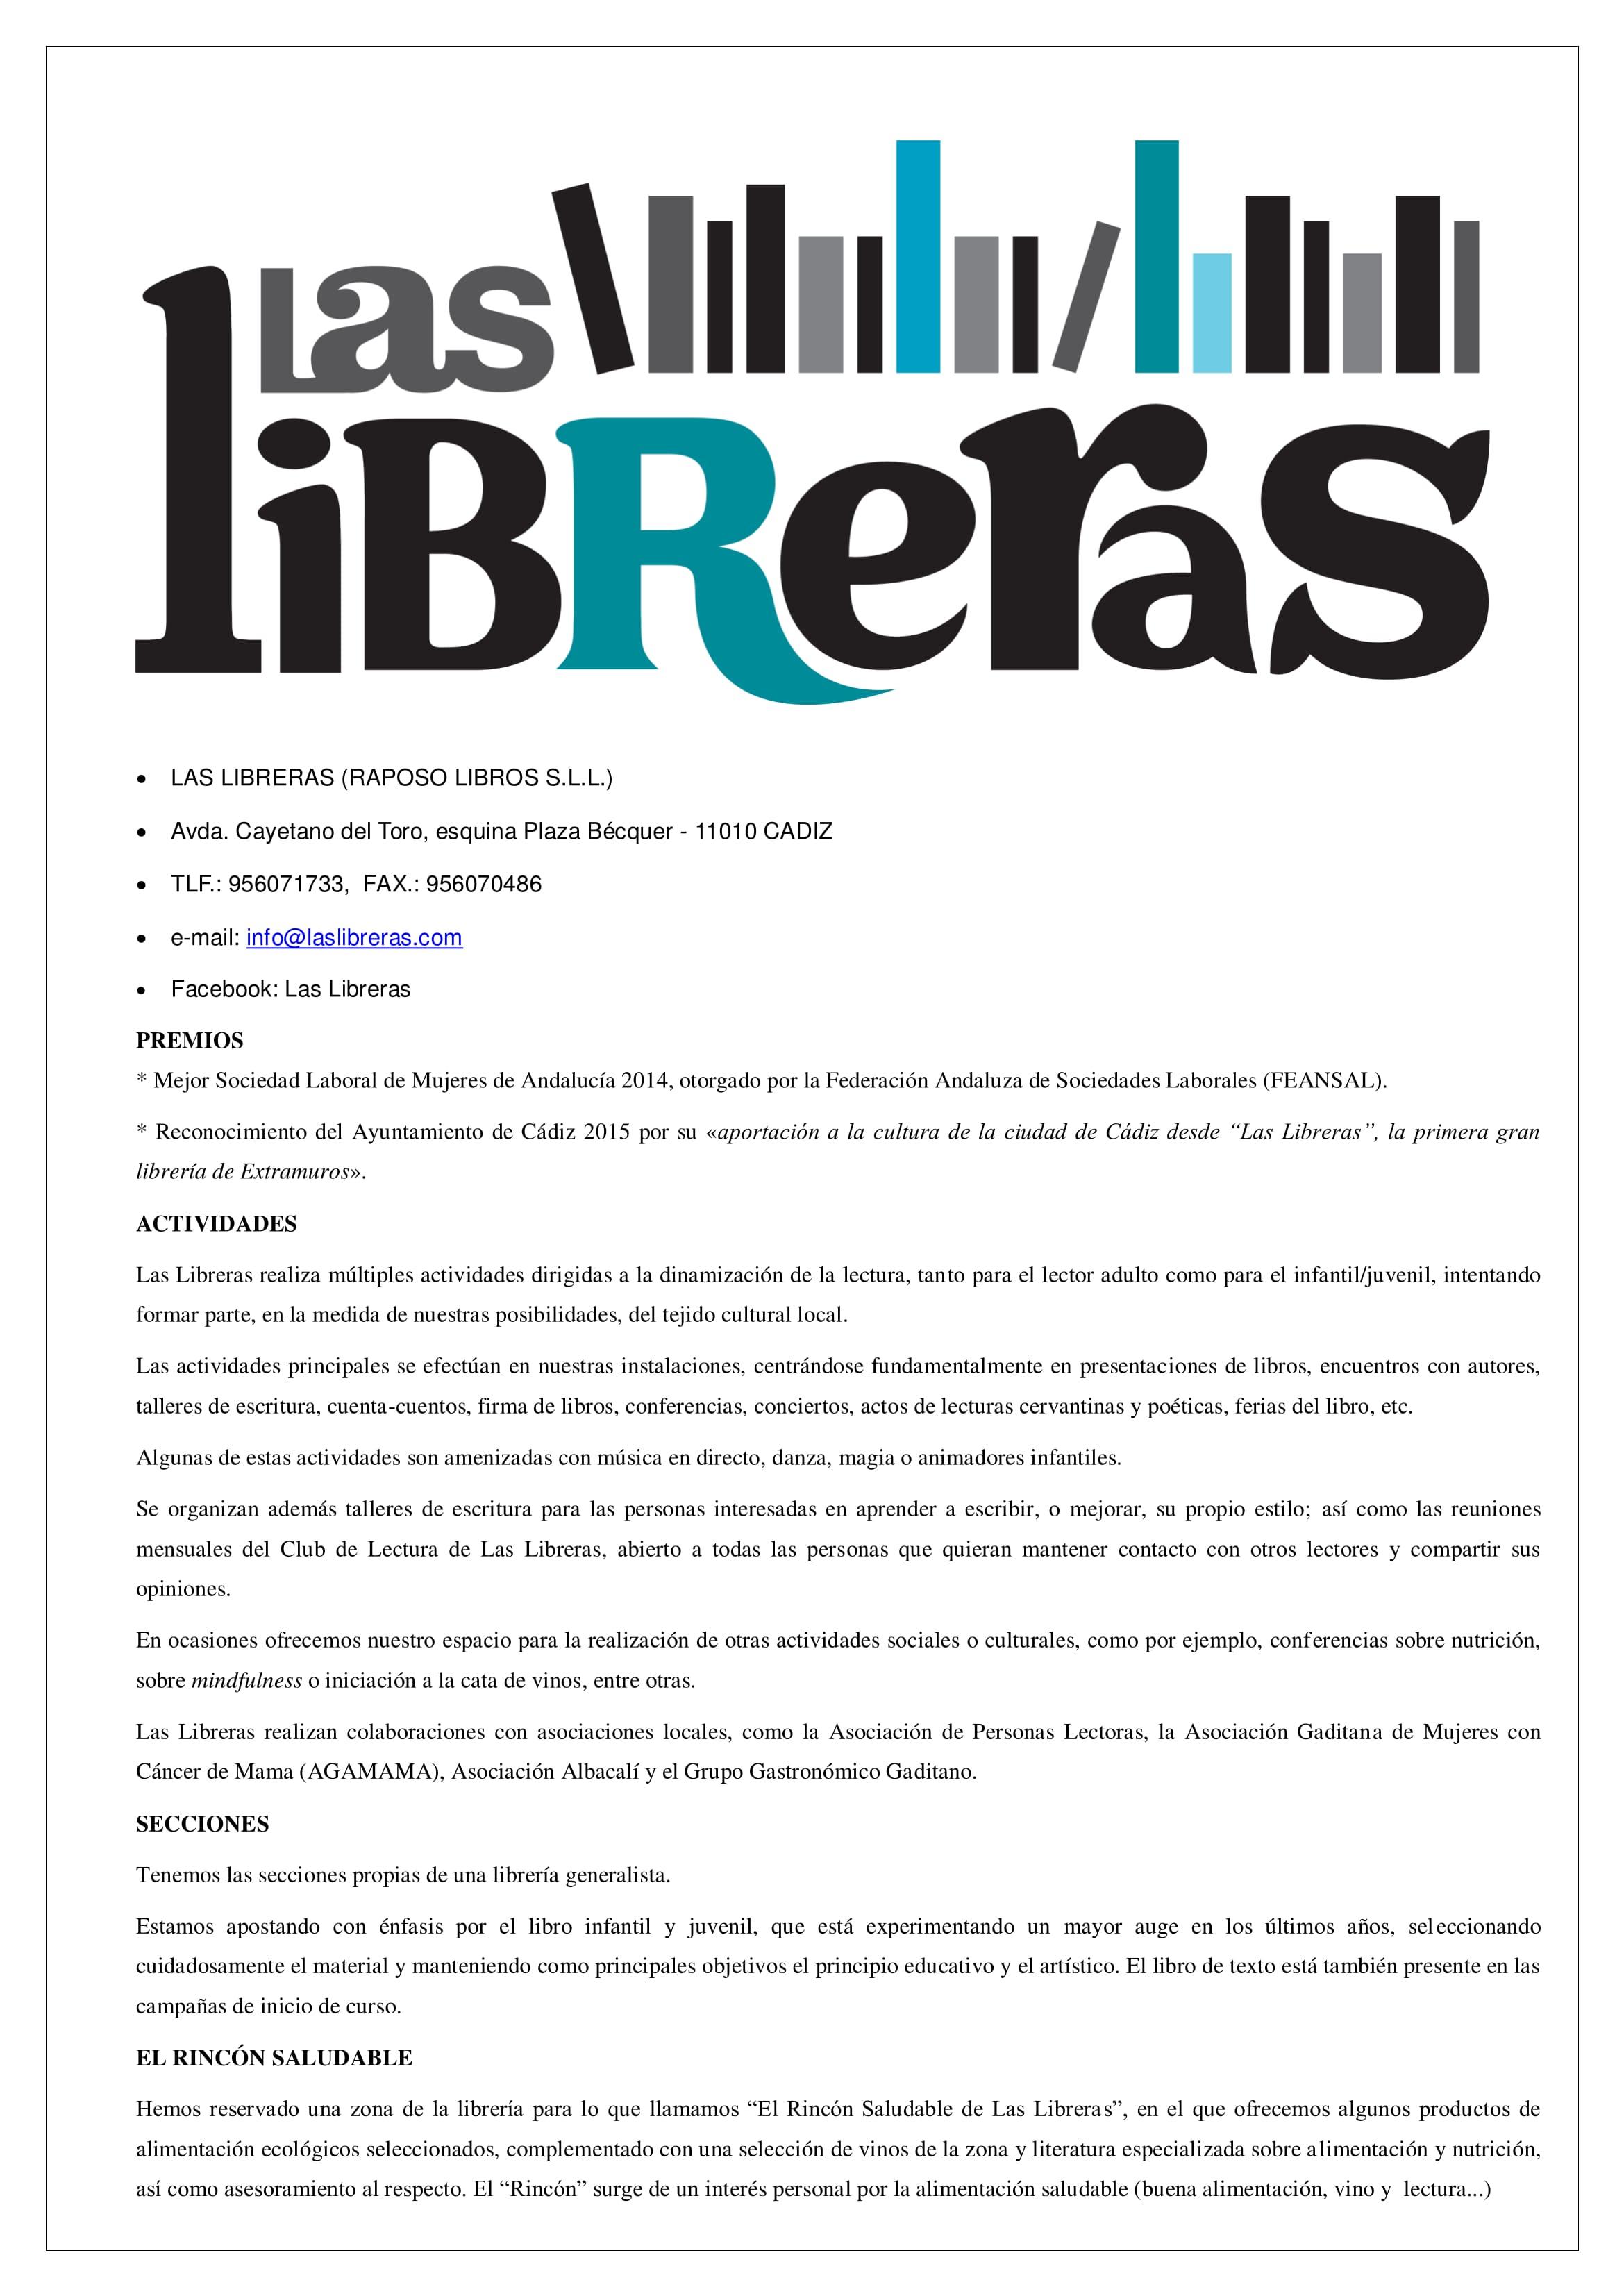 LAS LIBRERAS